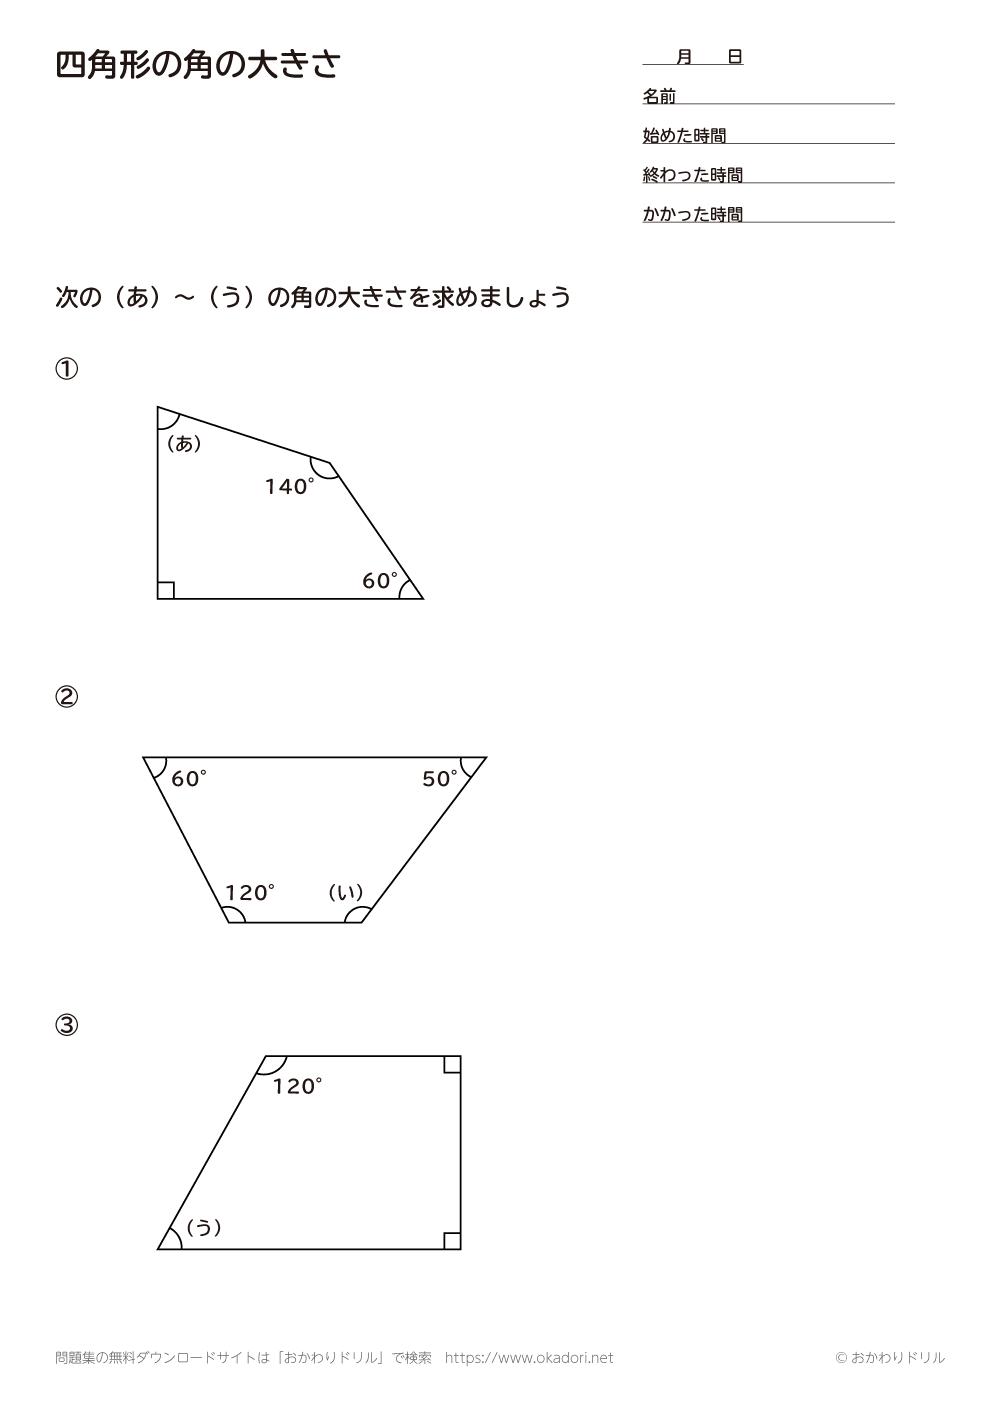 四角形の角の大きさ2